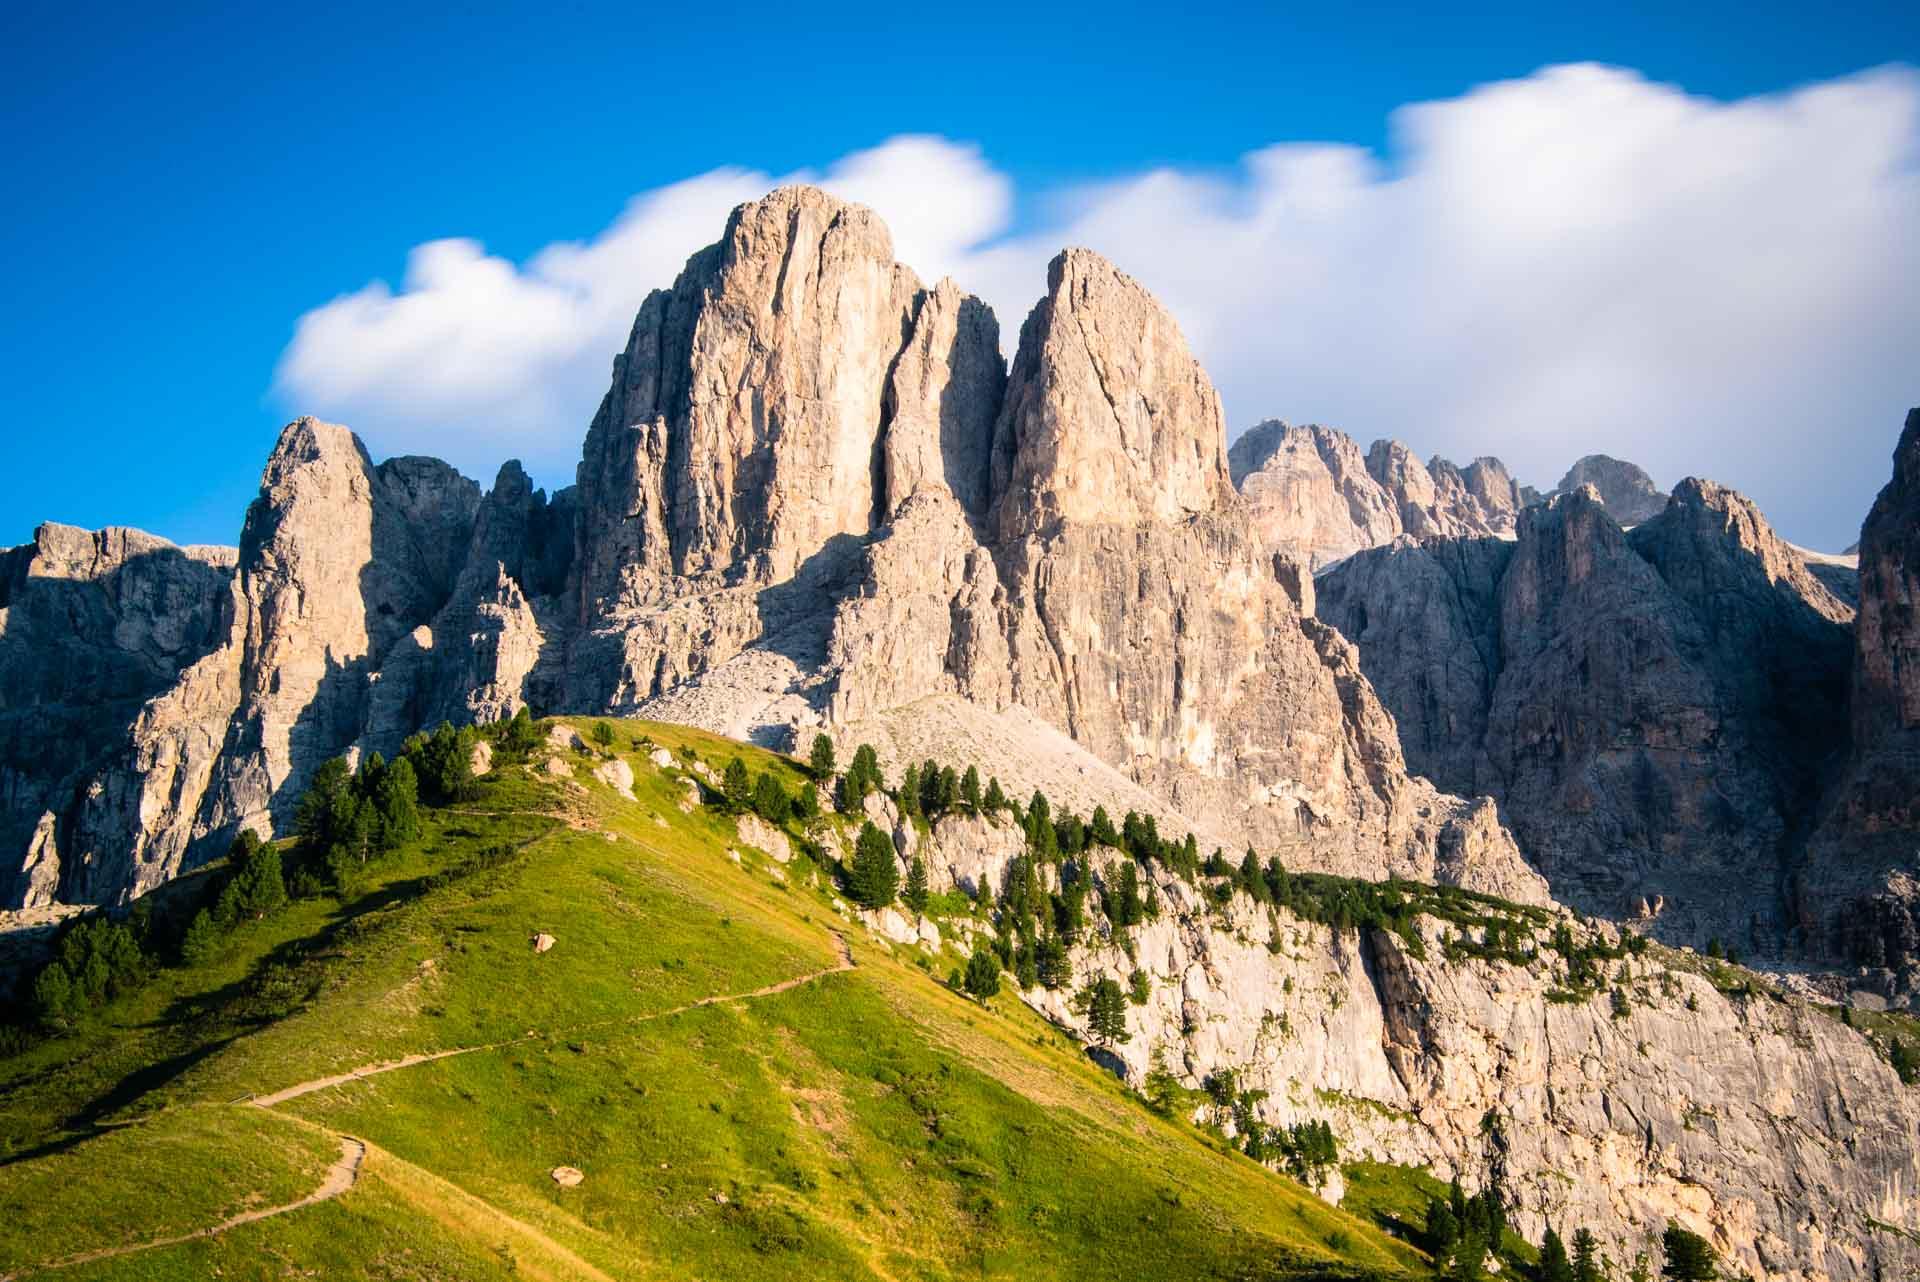 Passso di Gardena, Italy